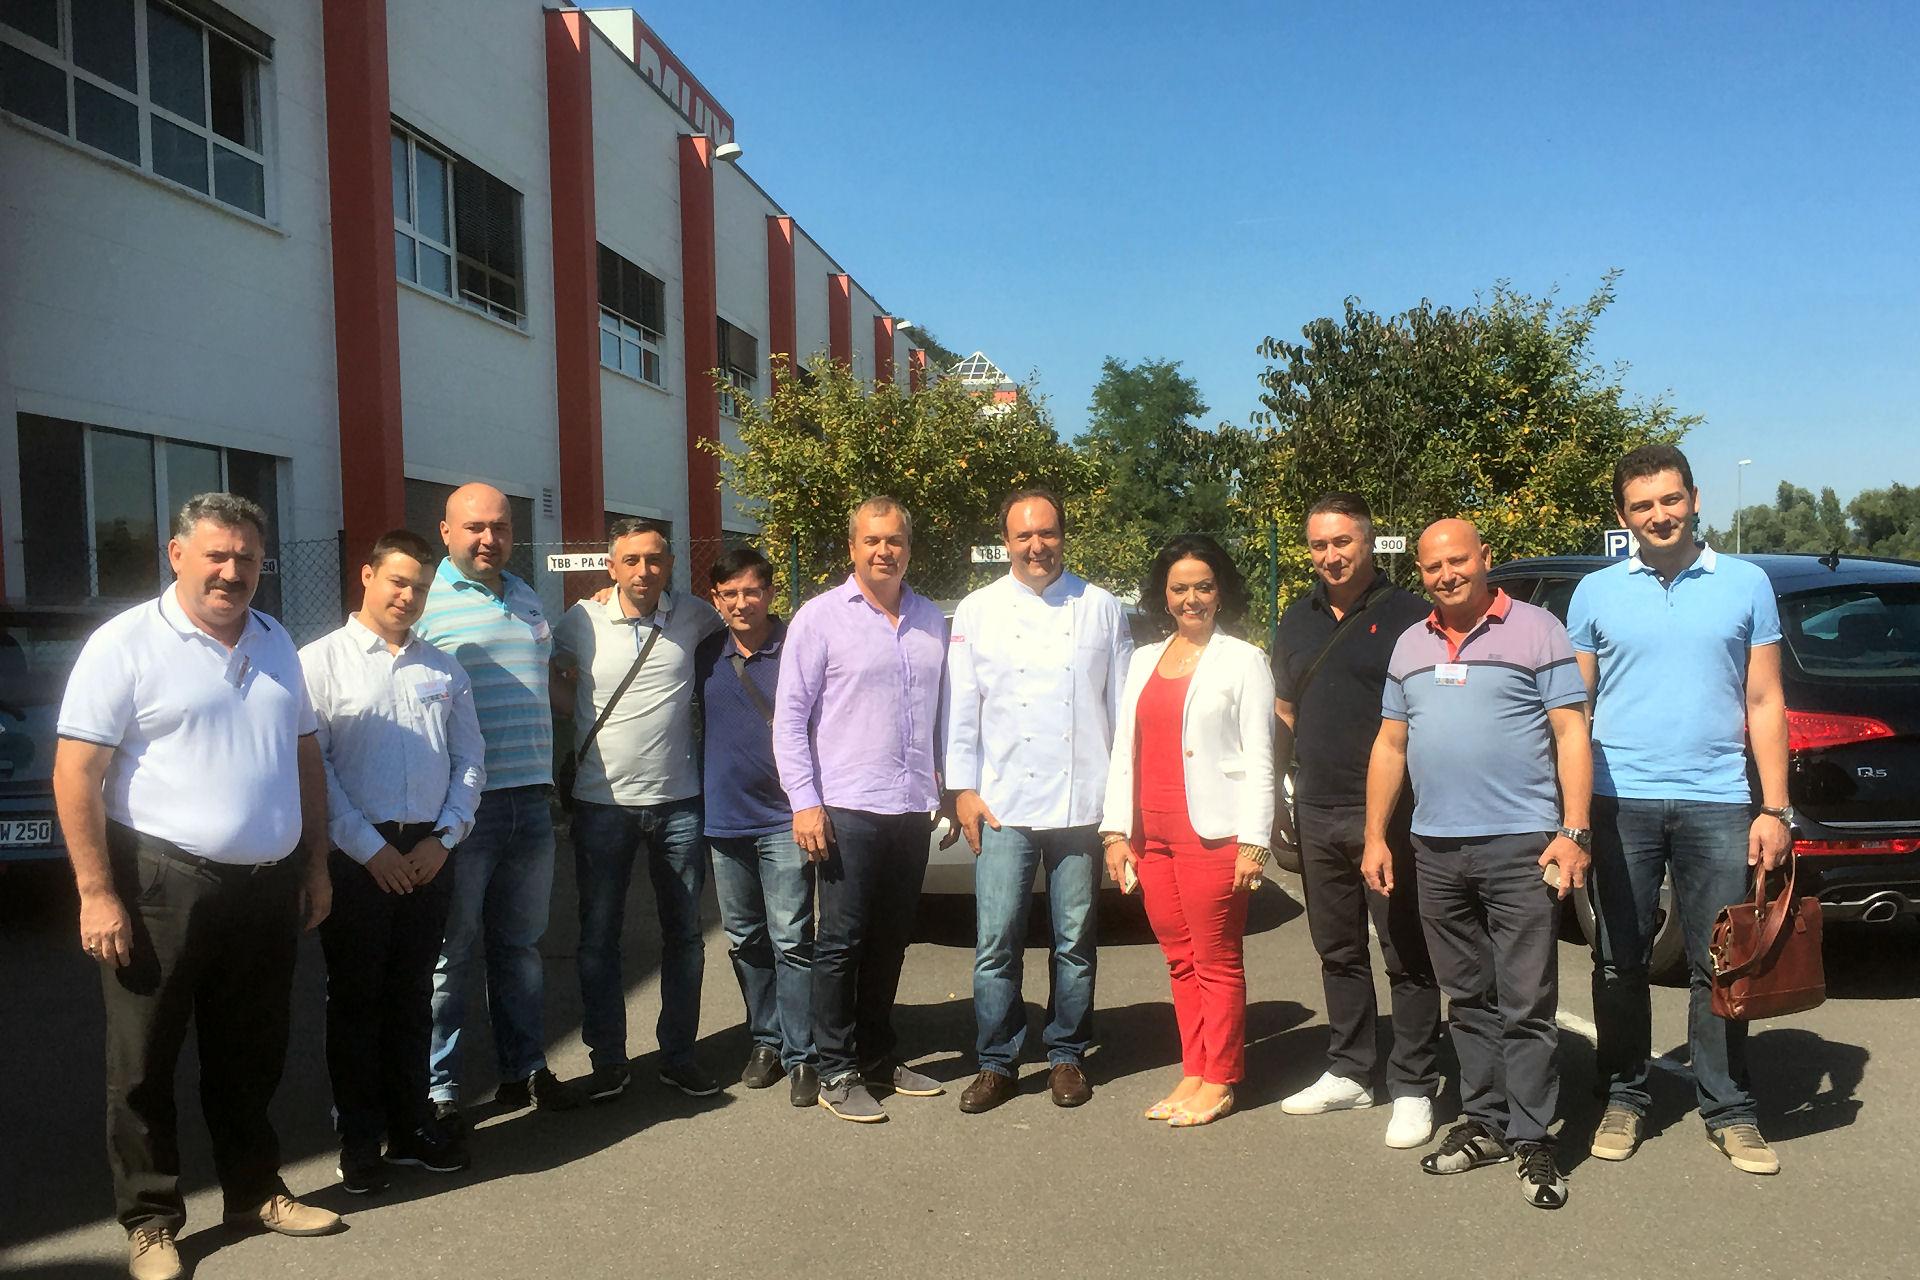 August 2016 PALUX Aktiengesellschaft in Bad Mergentheim Die Teilnehmer an sem zweitägigen Schulungsprogramm waren begeistert von der